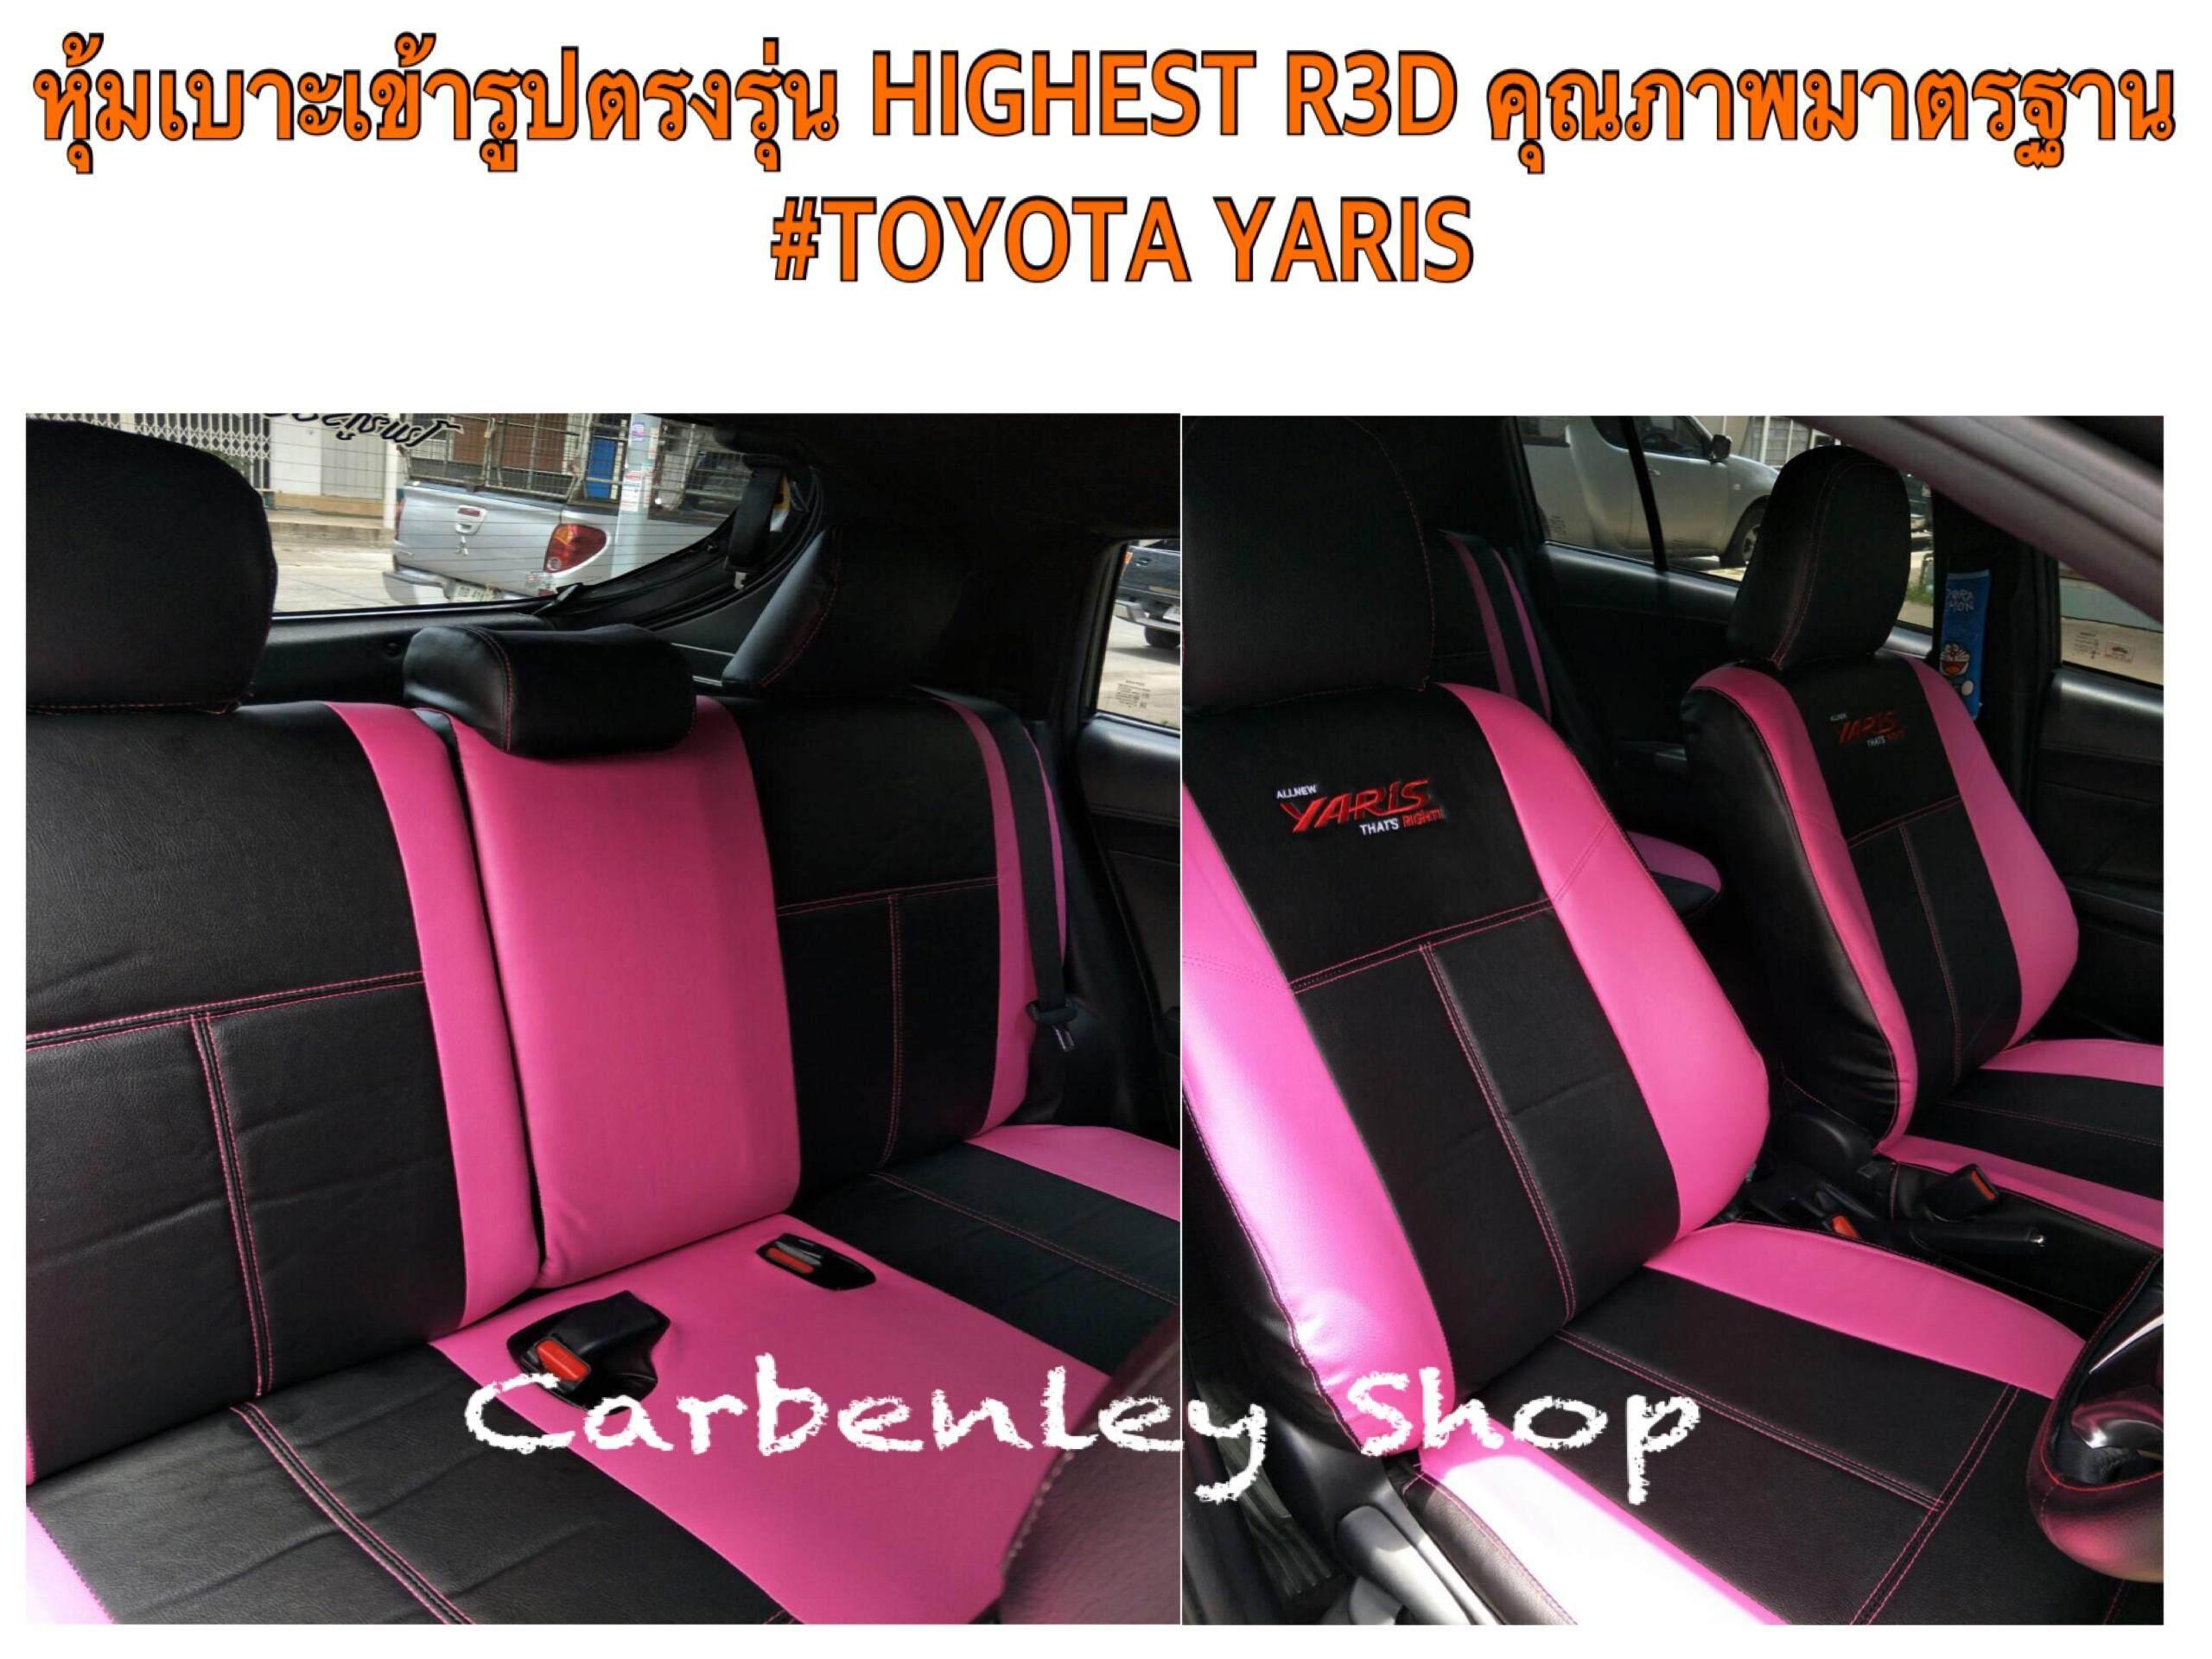 หุ้มเบาะแบบเข้ารูปตรงรุ่น TOYOTA YARIS 2014-2019 หุ้มเบาะรถเก๋งแบบเข้ารูป หุ้มเบาะรถยนต์ ที่หุ้มเบาะ ที่หุ้มเบาะรถยนต์ หนังหุ้มเบาะ หนังหุ้มเบาะรถยนต์ ชุดหุ้มเบาะ ชุดหุ้มเบาะรถยนต์ เบาะหุ้ม ที่หุ้มเบาะหนังแบบเข้ารูปตรงรุ่น หุ้มเบาะรถยนต์แบบตรงรุ่น